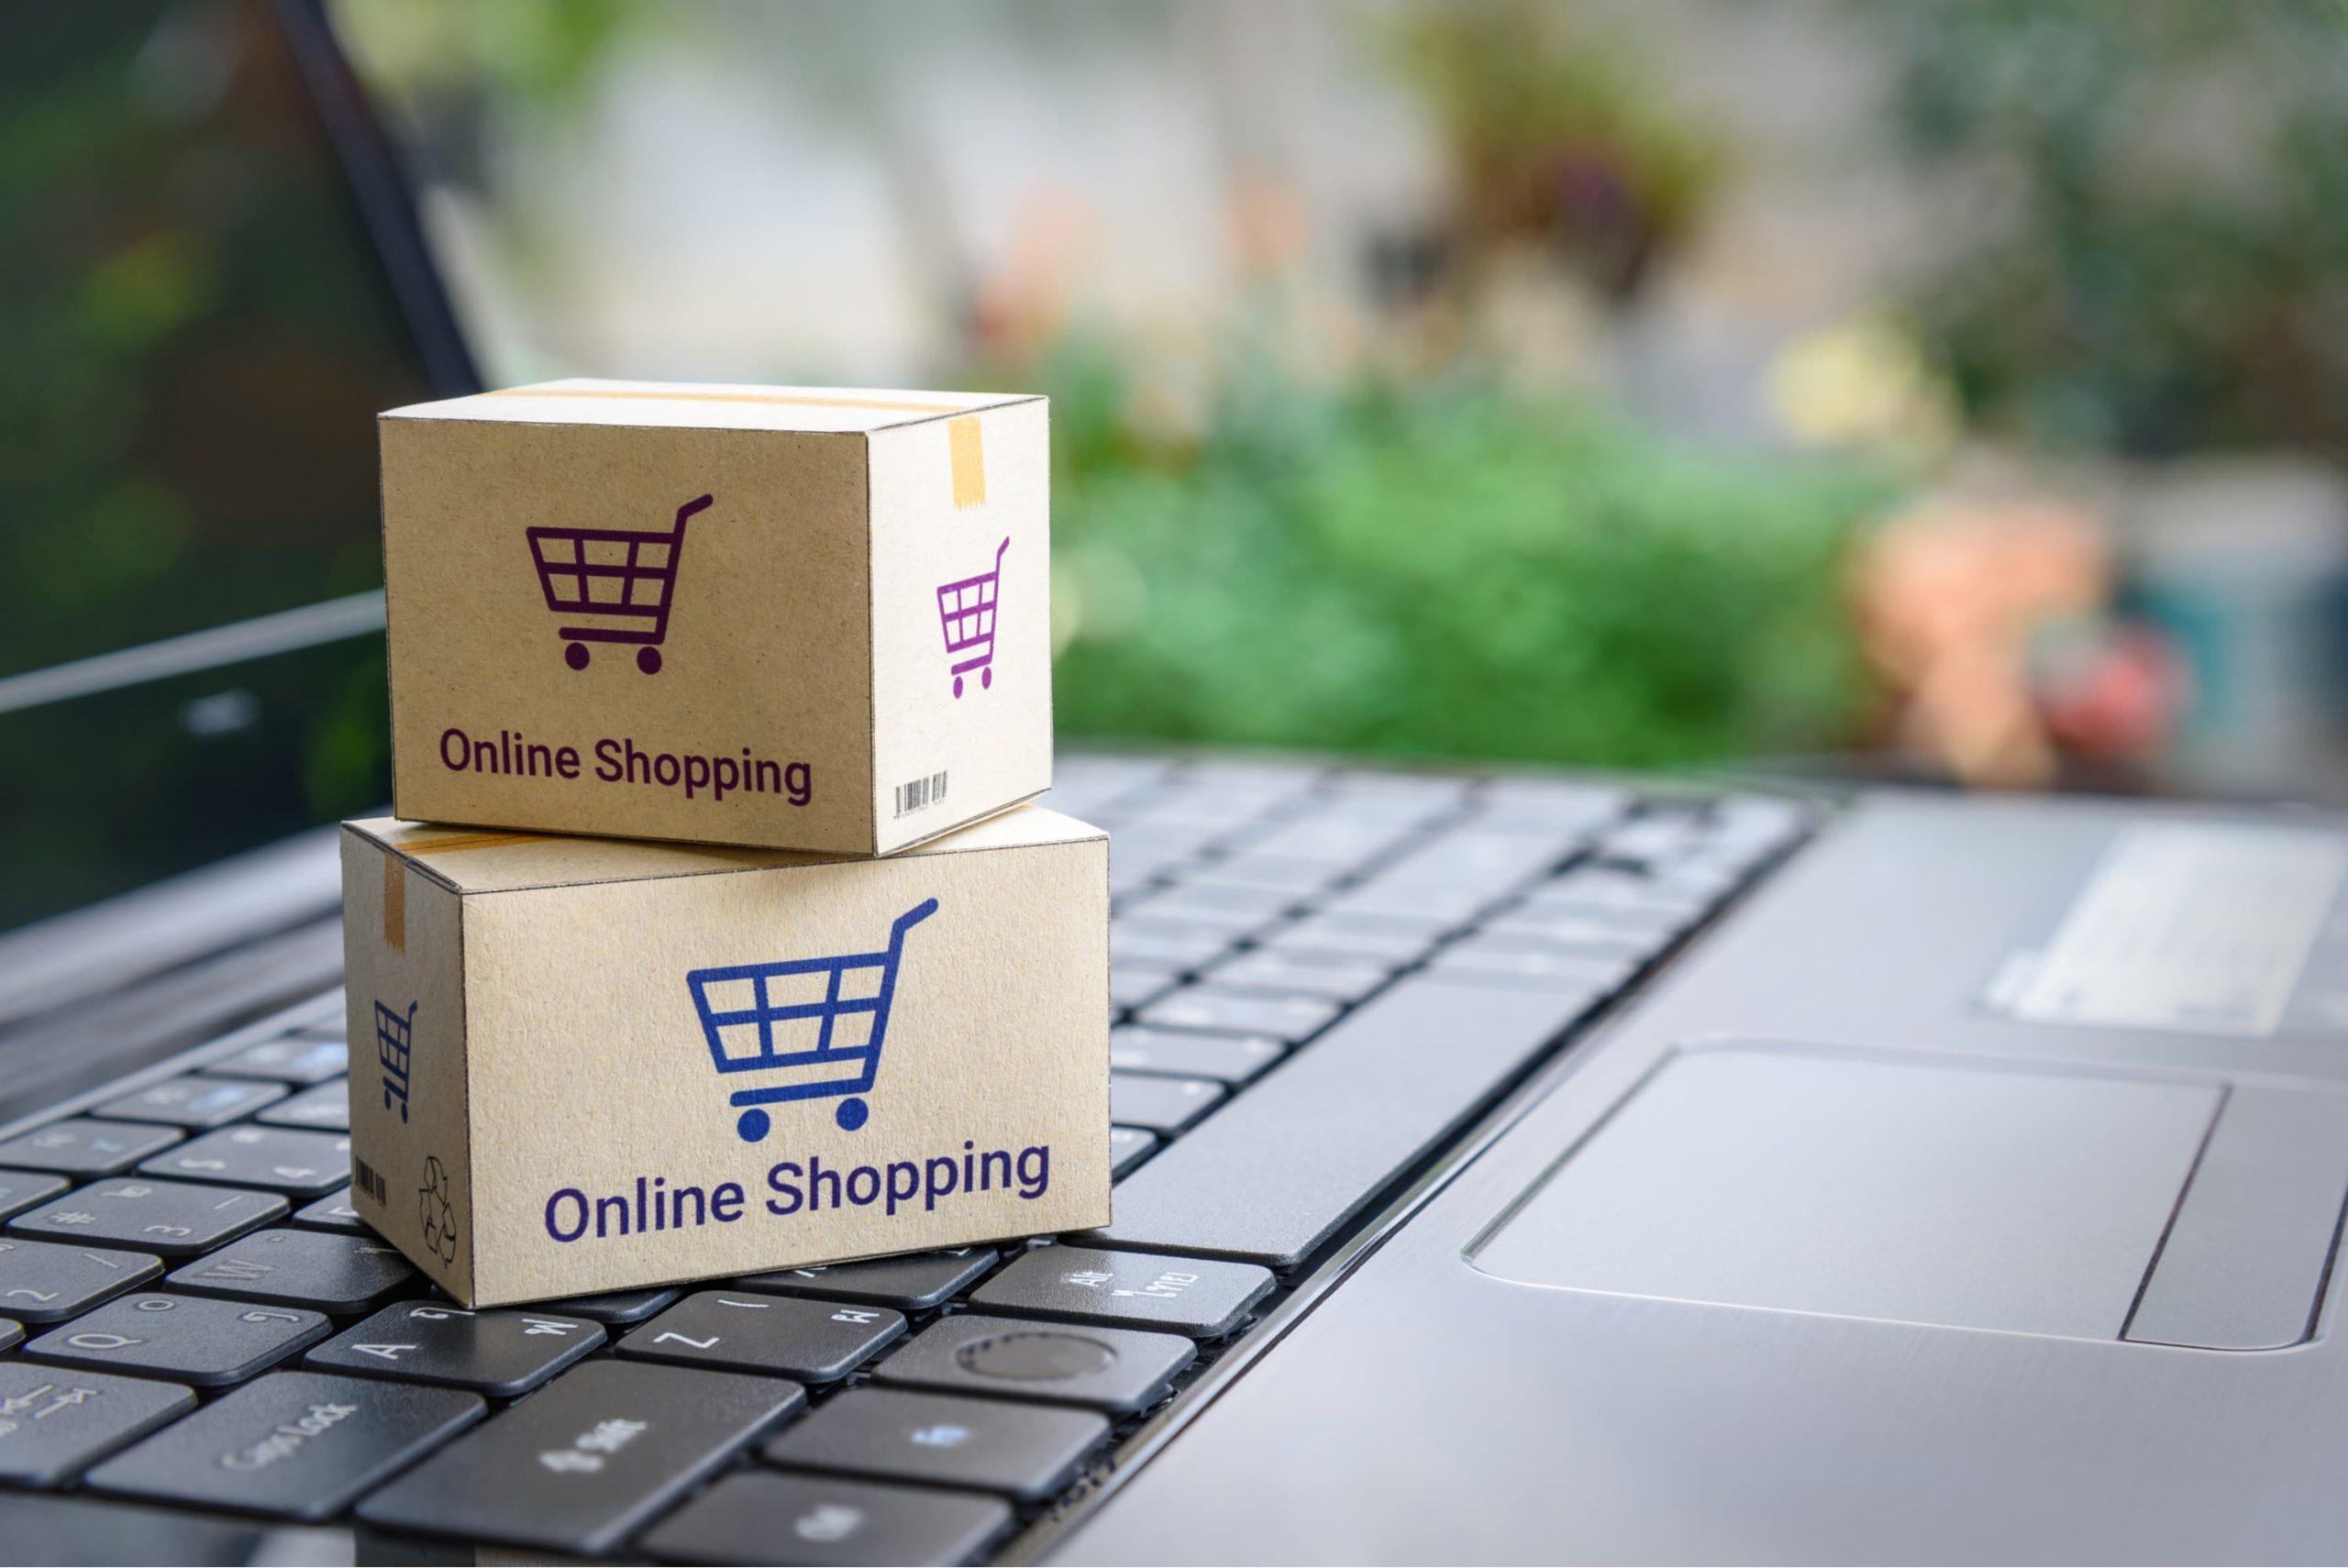 خرید آنلاین در فروشگاه اینترنتی